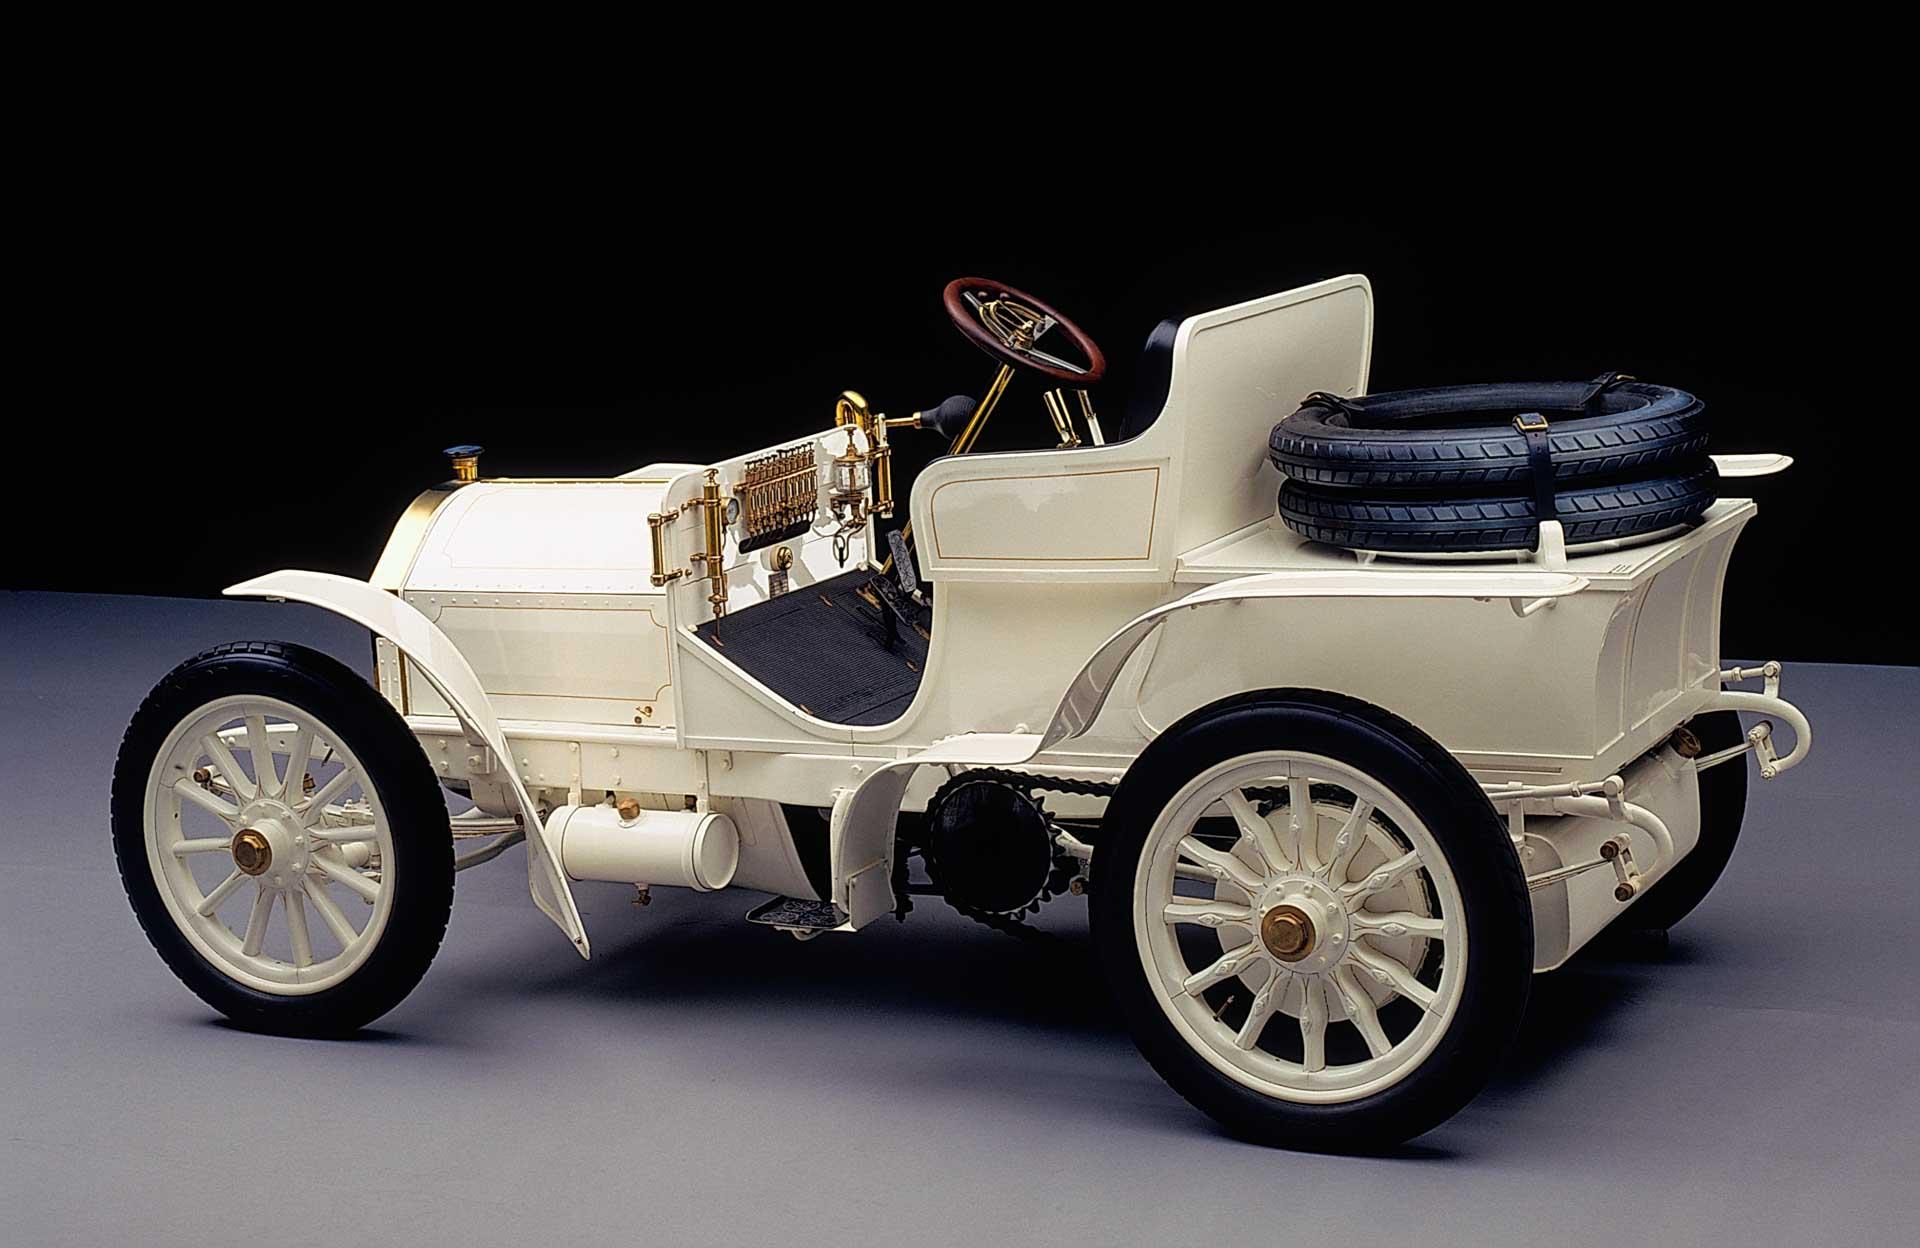 Mercedes-Simplex 40 PS aus dem Jahr 1903 in der Ausführung als Zweisitzer. Der Hochleistungssportwagen aus der Sammlung von Mercedes-Benz Classic gehört zu den ältesten erhaltenen Fahrzeugen der Marke Mercedes.